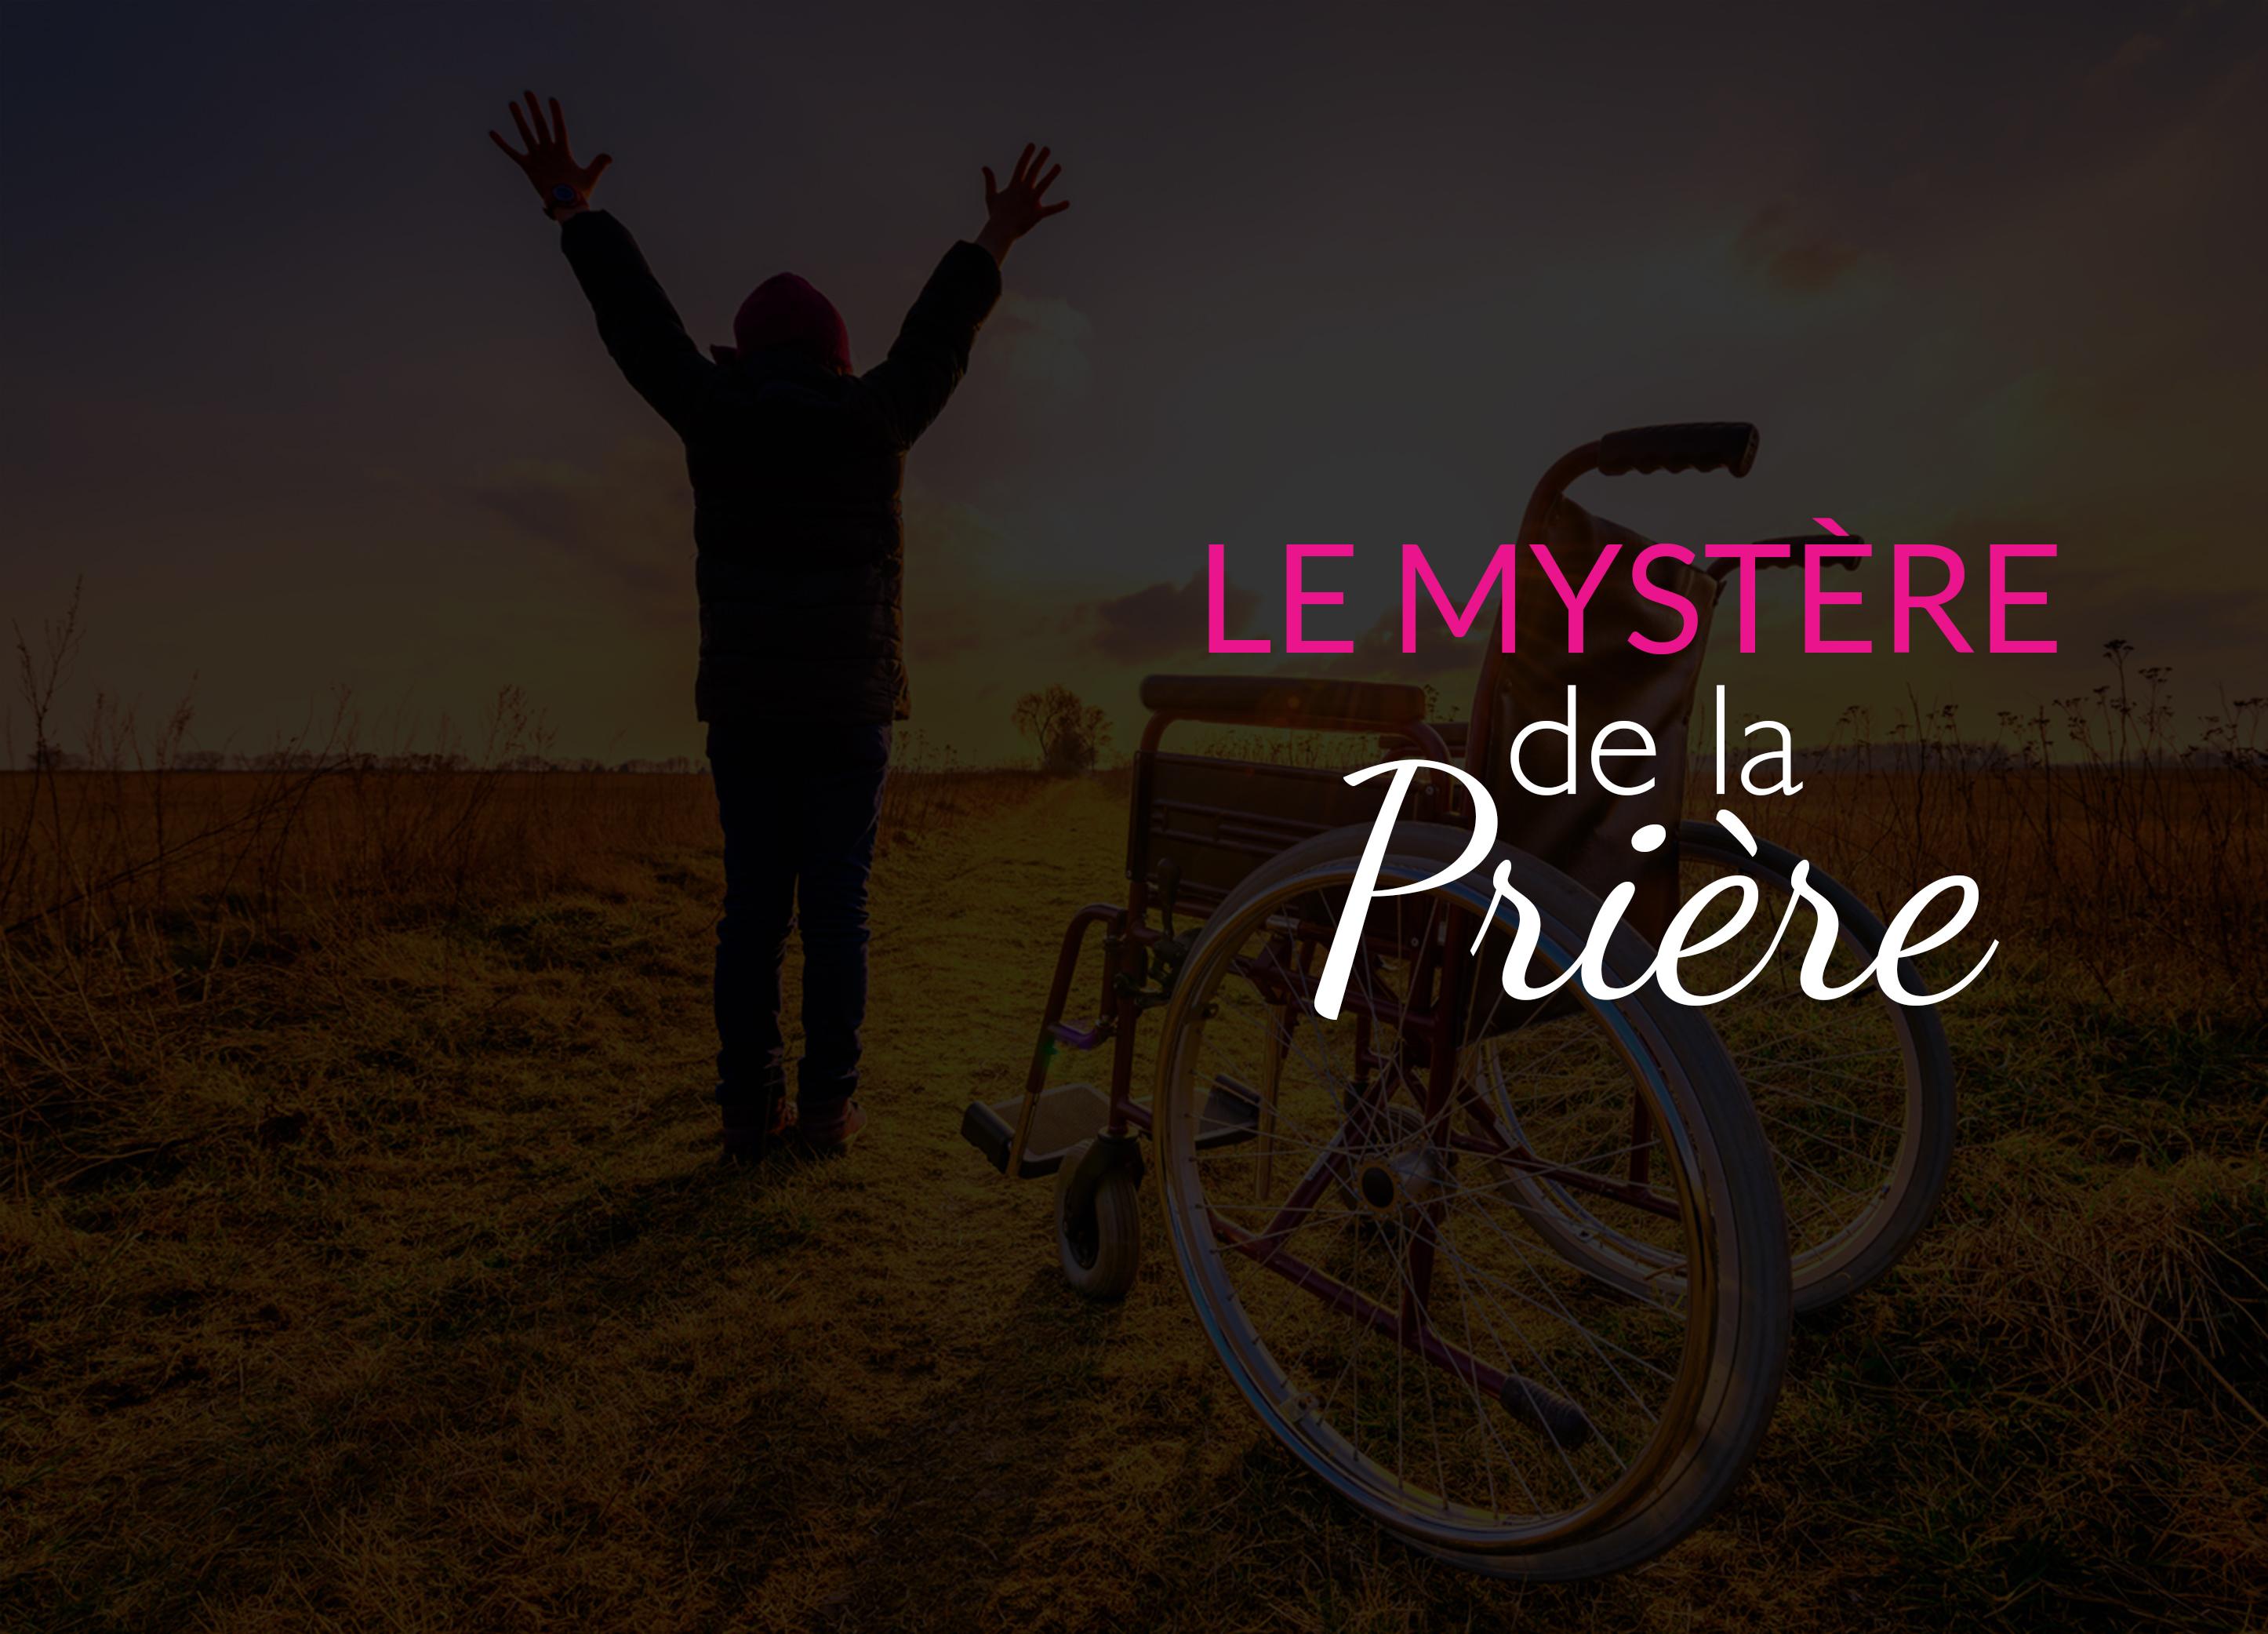 1- Le mystère de la prière